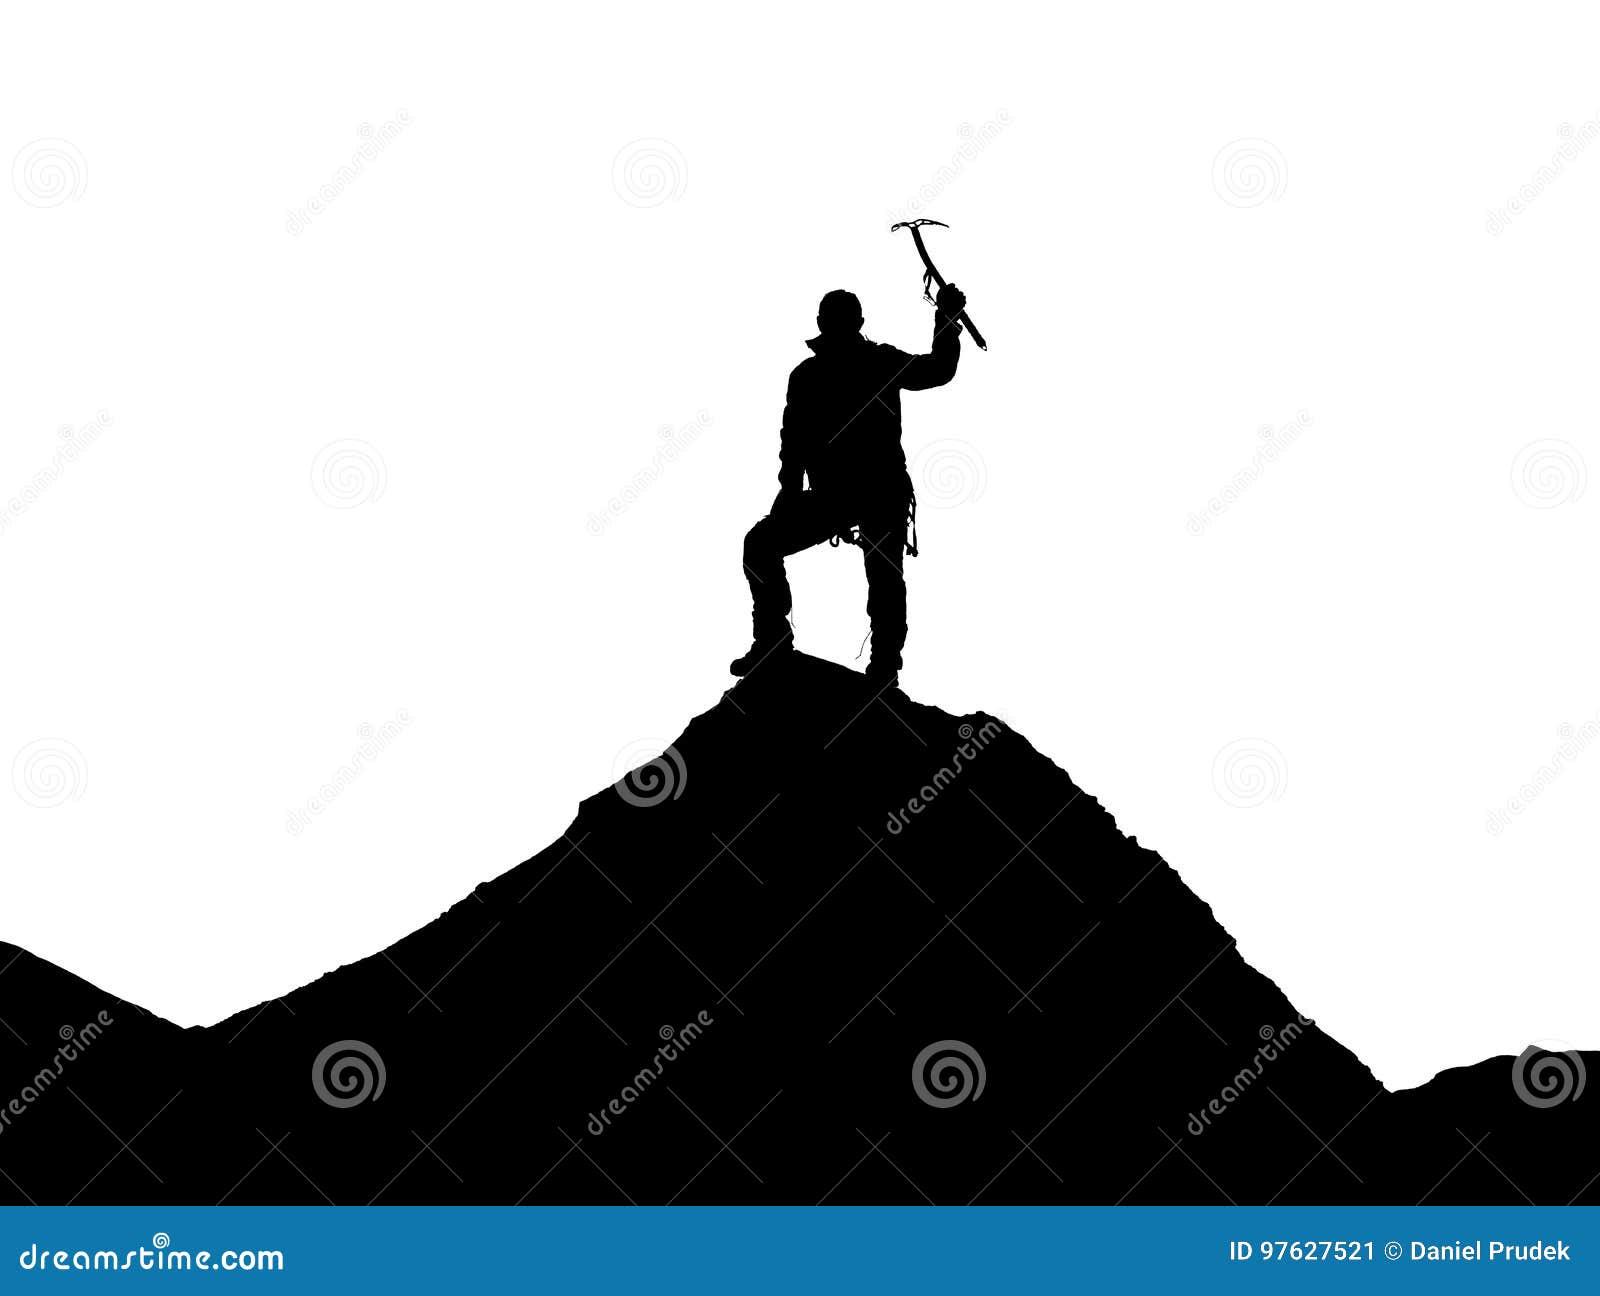 Arywista z lodową cioską w ręce na górze Everest